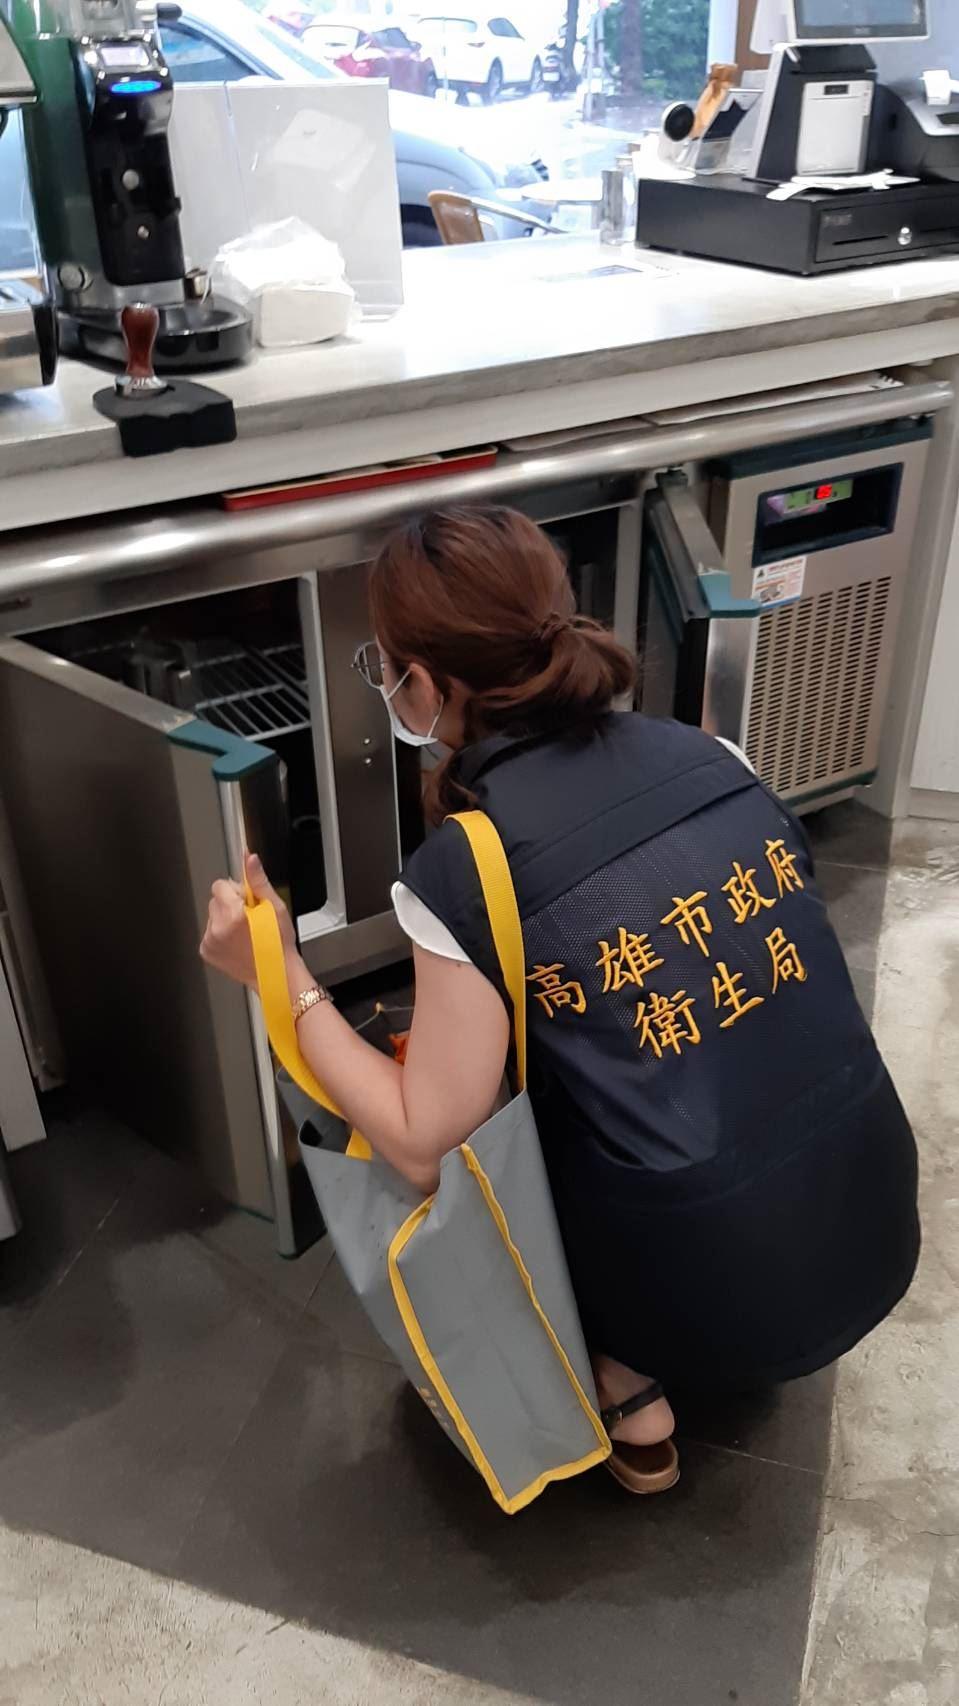 2.稽查人員稽查飲冰品店作業場所.jpg